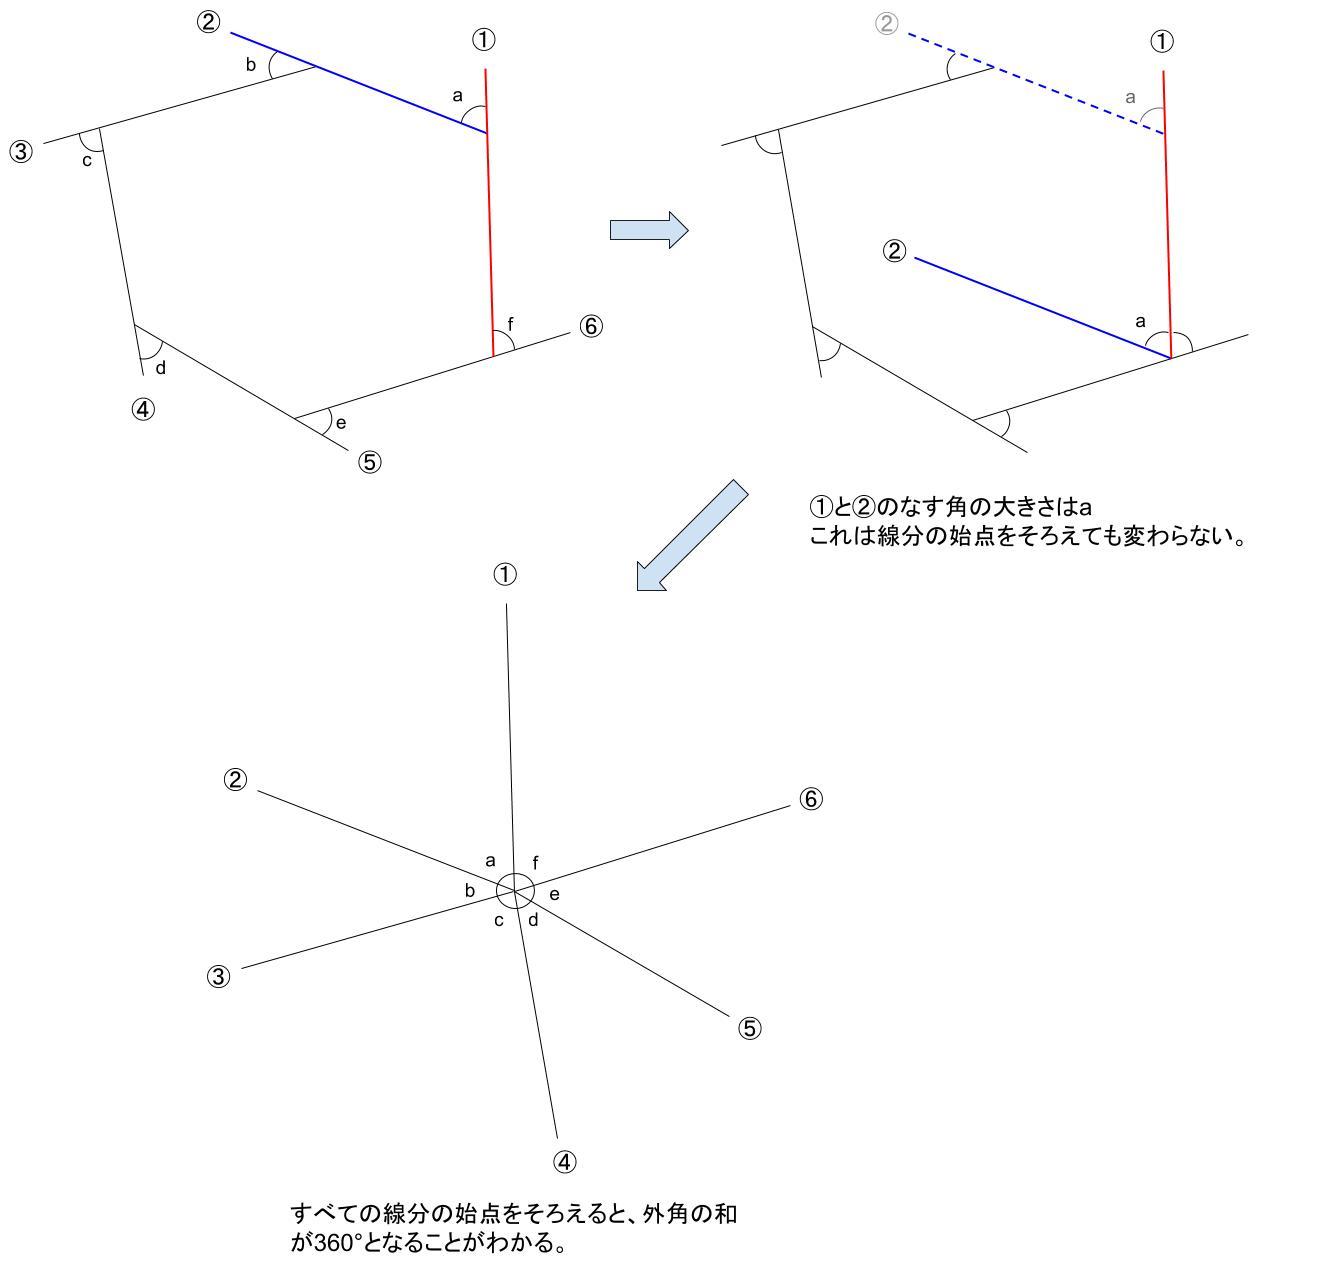 中学数学・高校受験chu-su- 多角形の外角の和 なぜ 図1